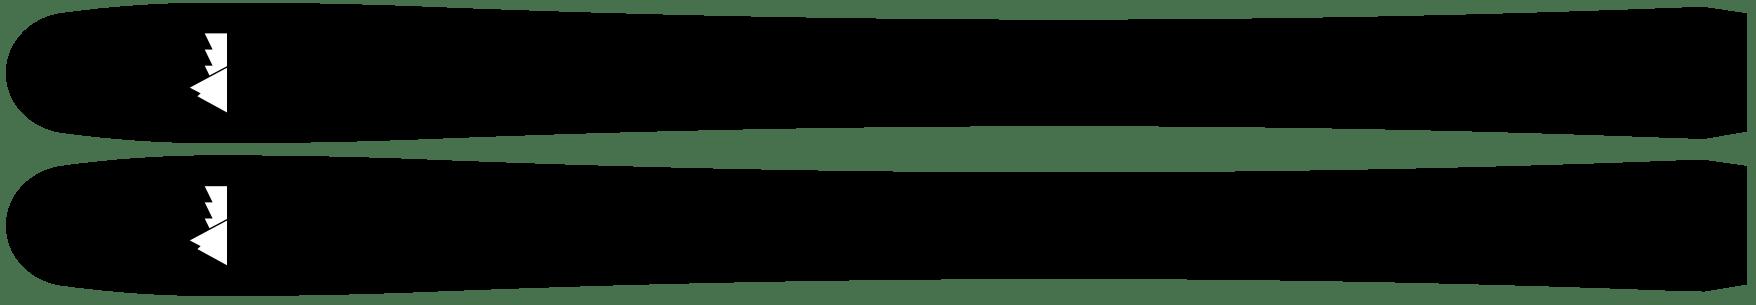 qlmsm-technique-vue-dessus